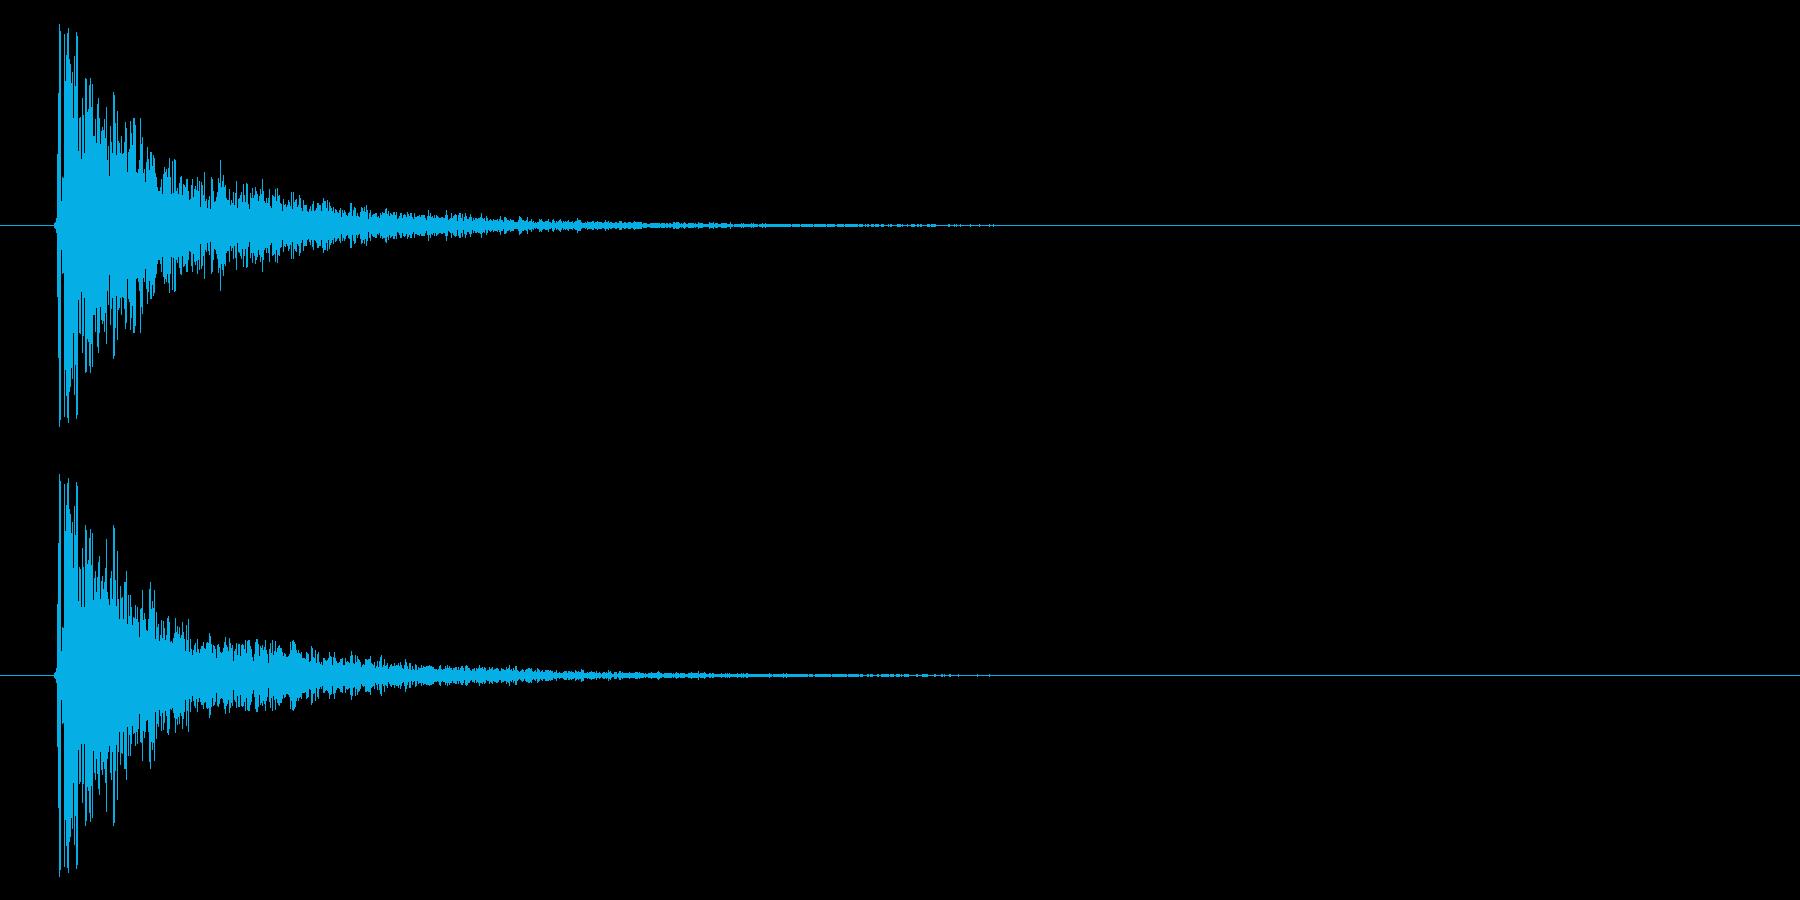 打撃08-5の再生済みの波形